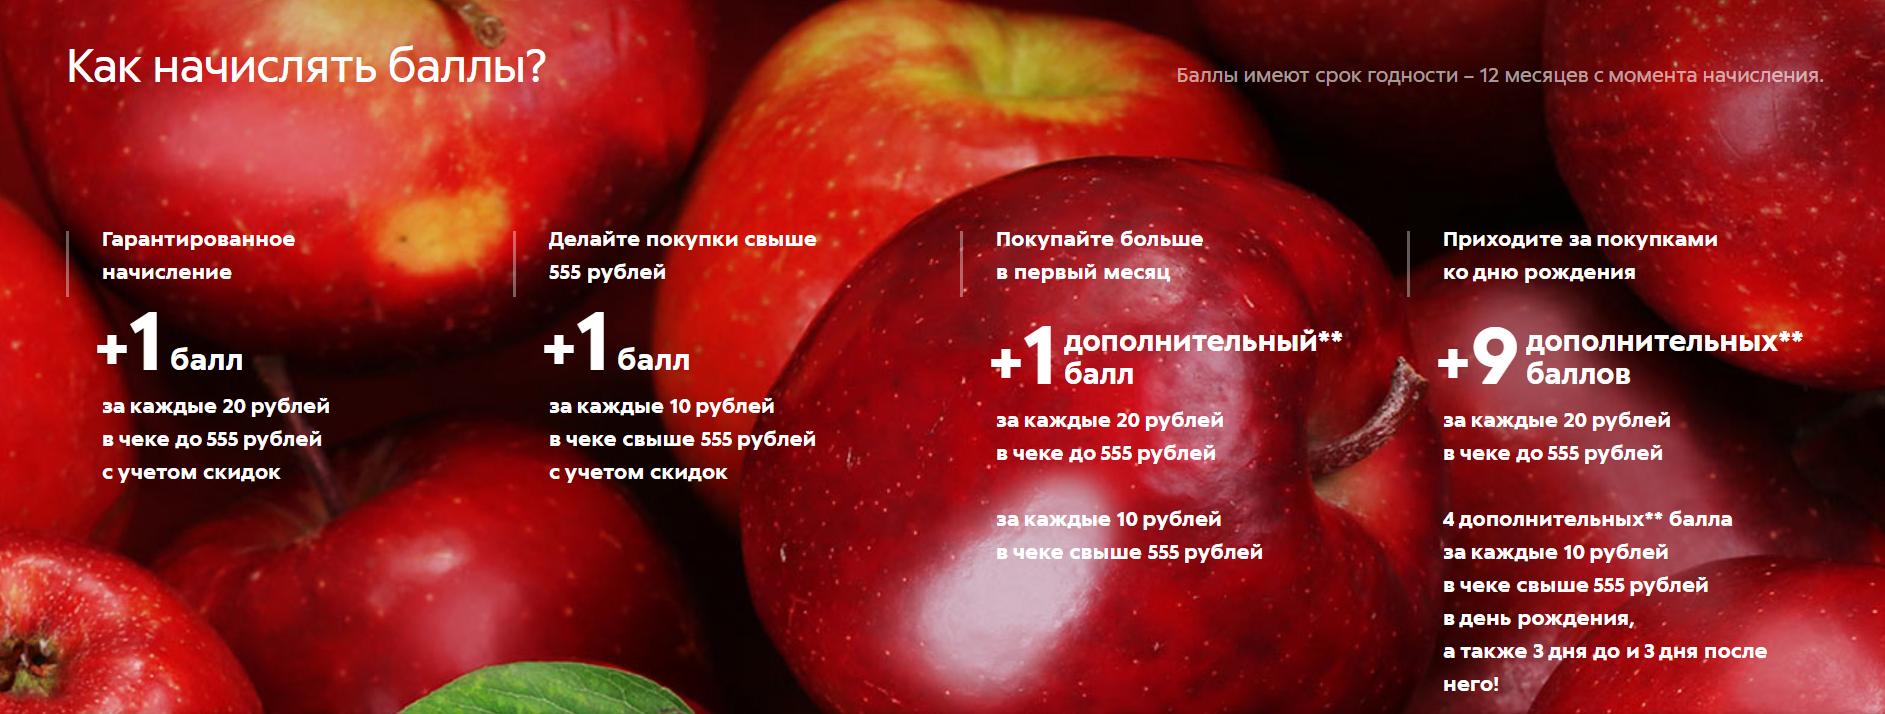 Таблица начисления бонусов «Пятерочка МИР» Почта Банка